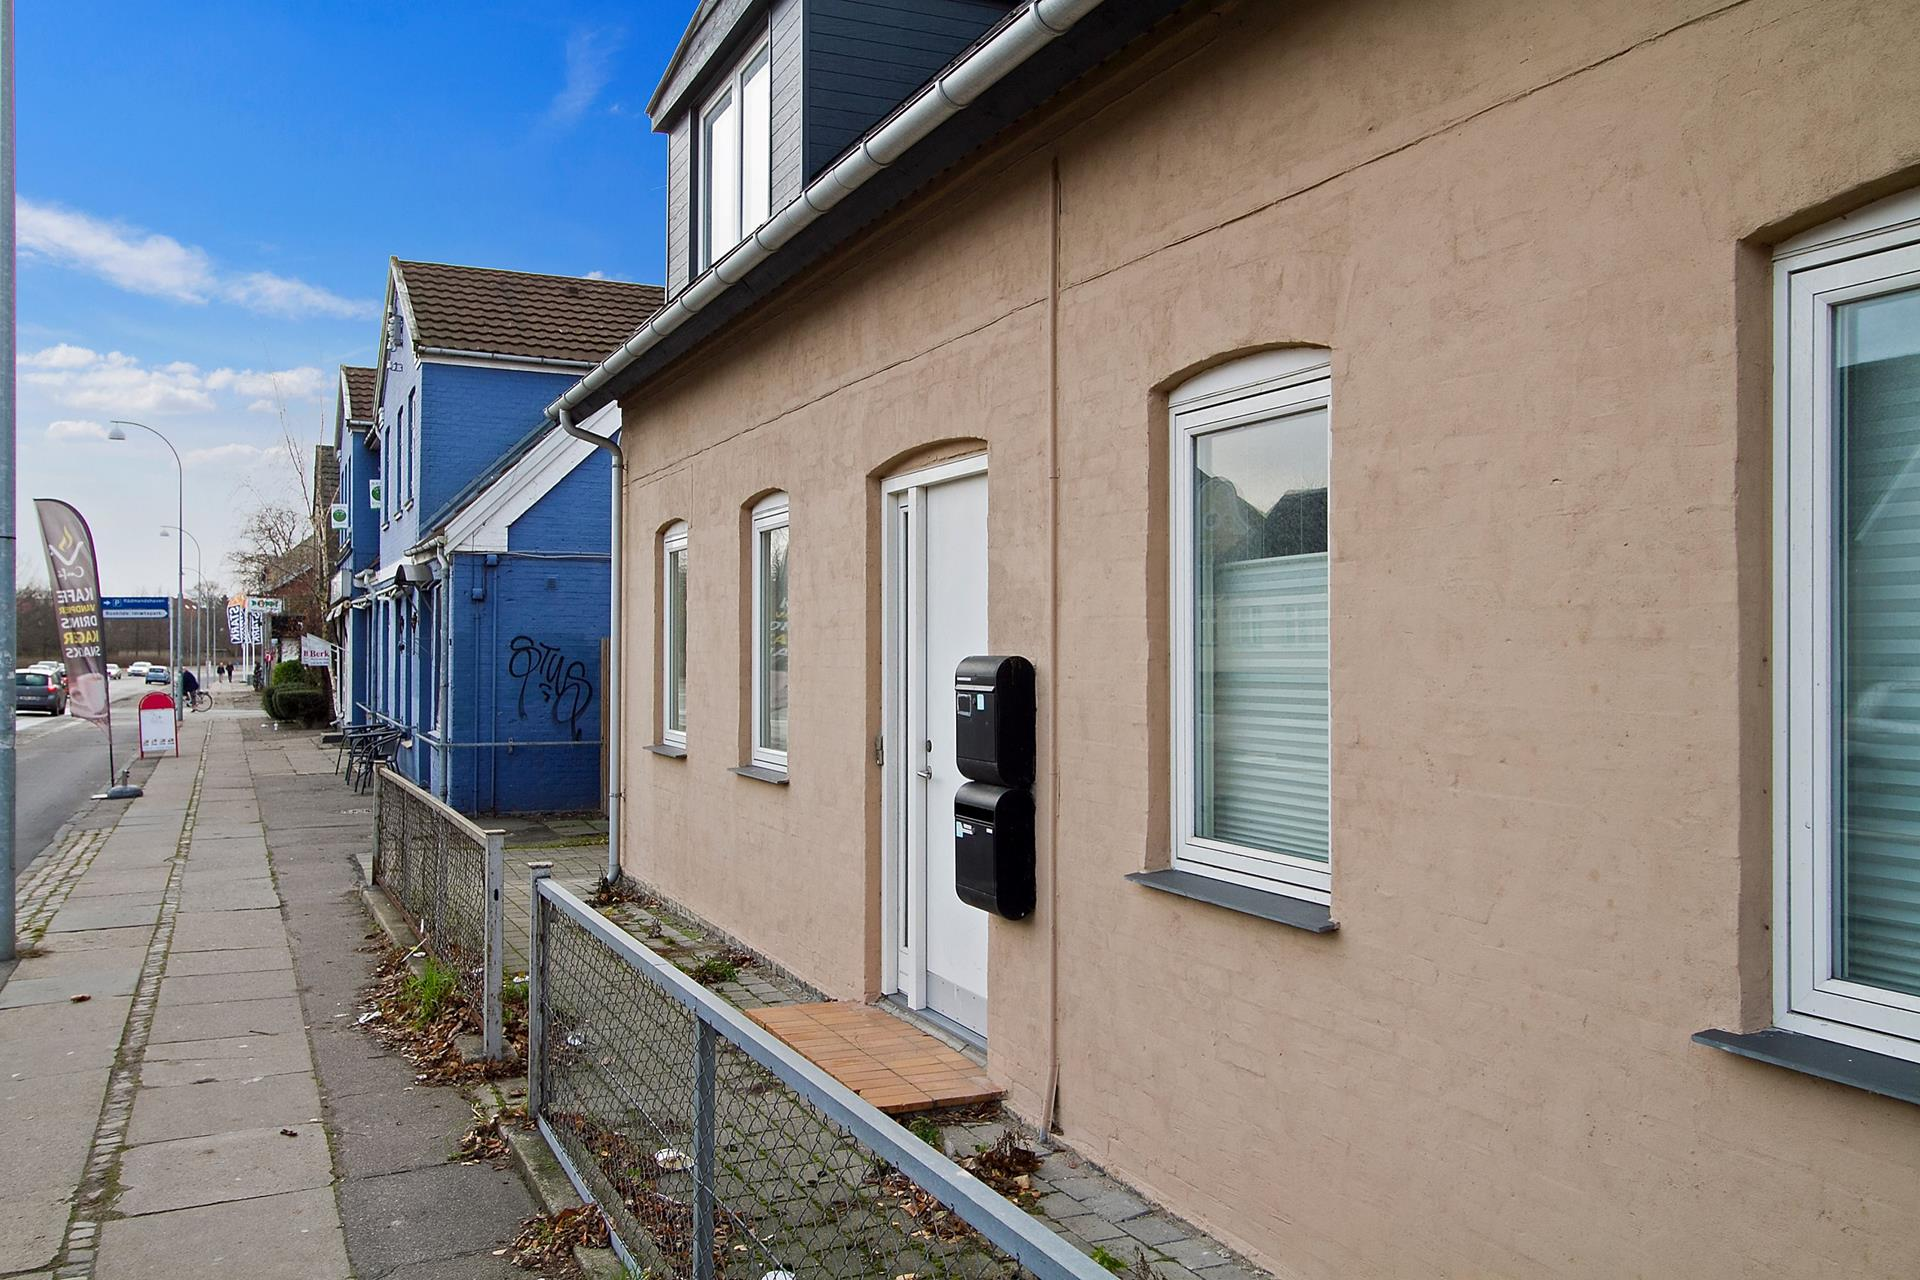 Boligudlejning på Ringstedgade i Roskilde - Standard udendørs